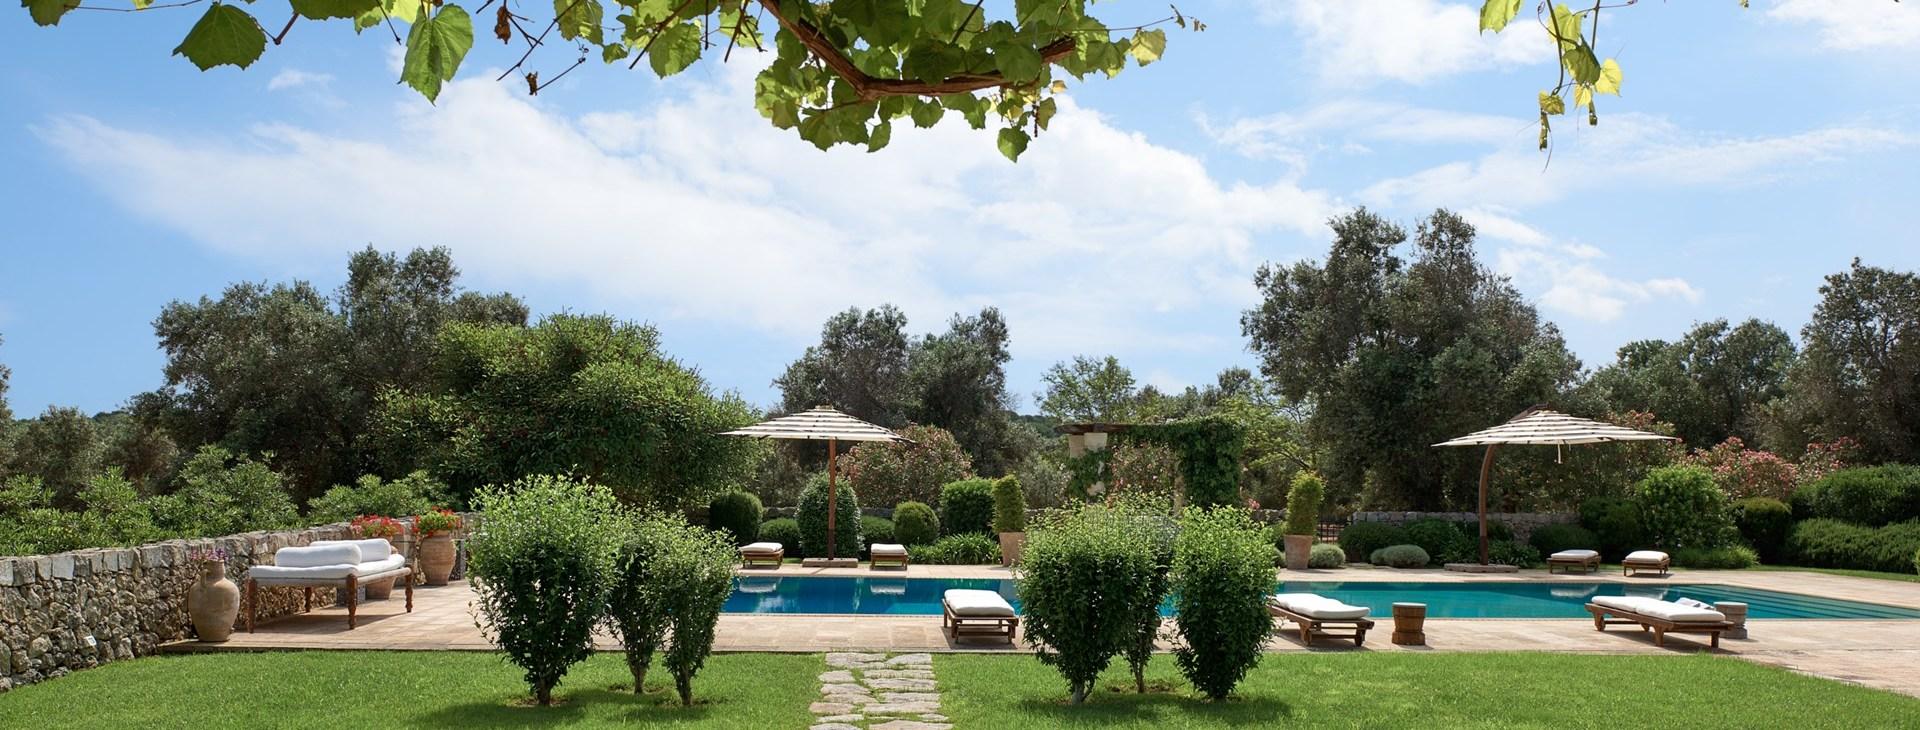 luxury-5-bedroom-villa-puglia